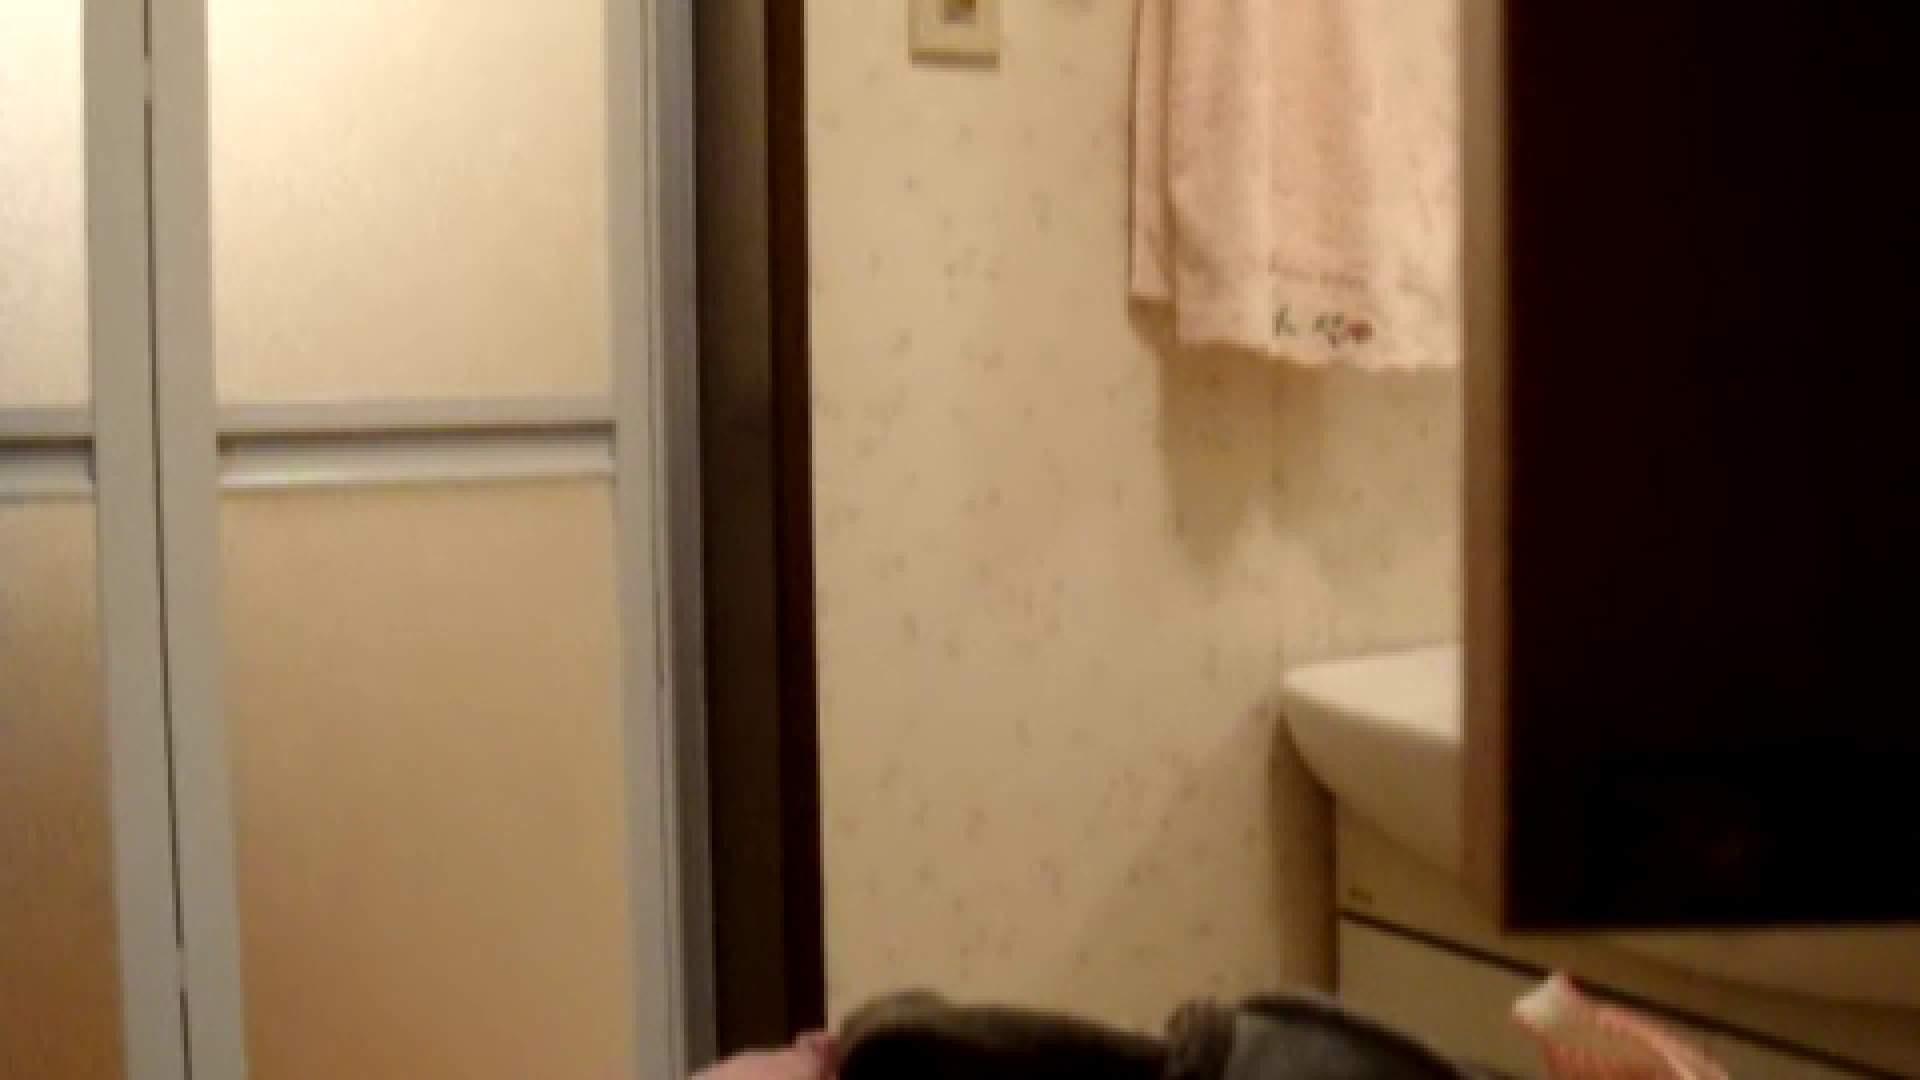 二人とも育てた甲斐がありました… vol.08 まどかの入浴中にカメラに気付いたか!? 入浴  84PIX 50